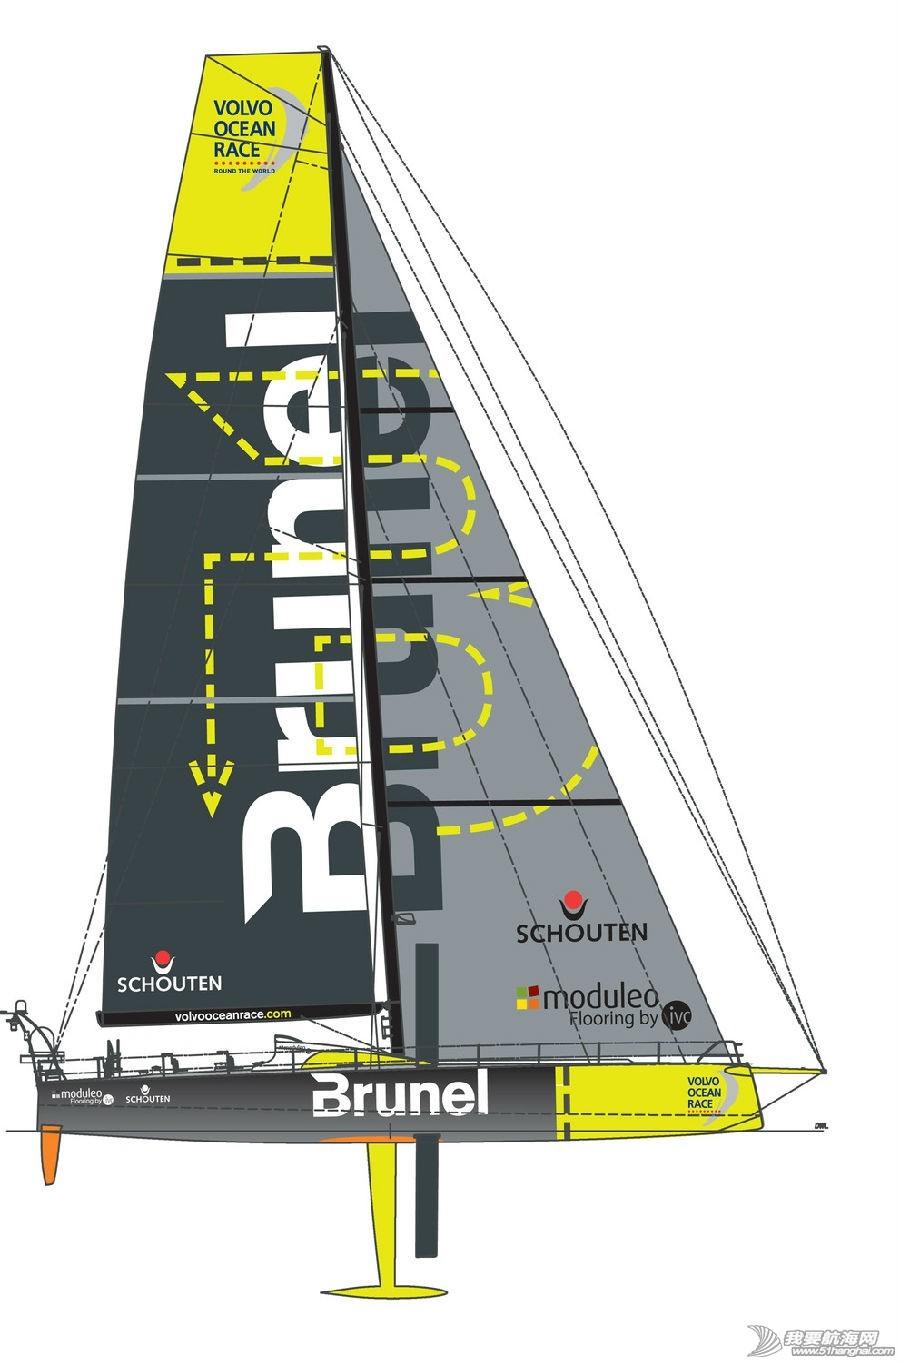 沃尔沃,壮志雄心,心脏病,航海家,布莱德 Team Brunel 布鲁内尔队 0.jpg